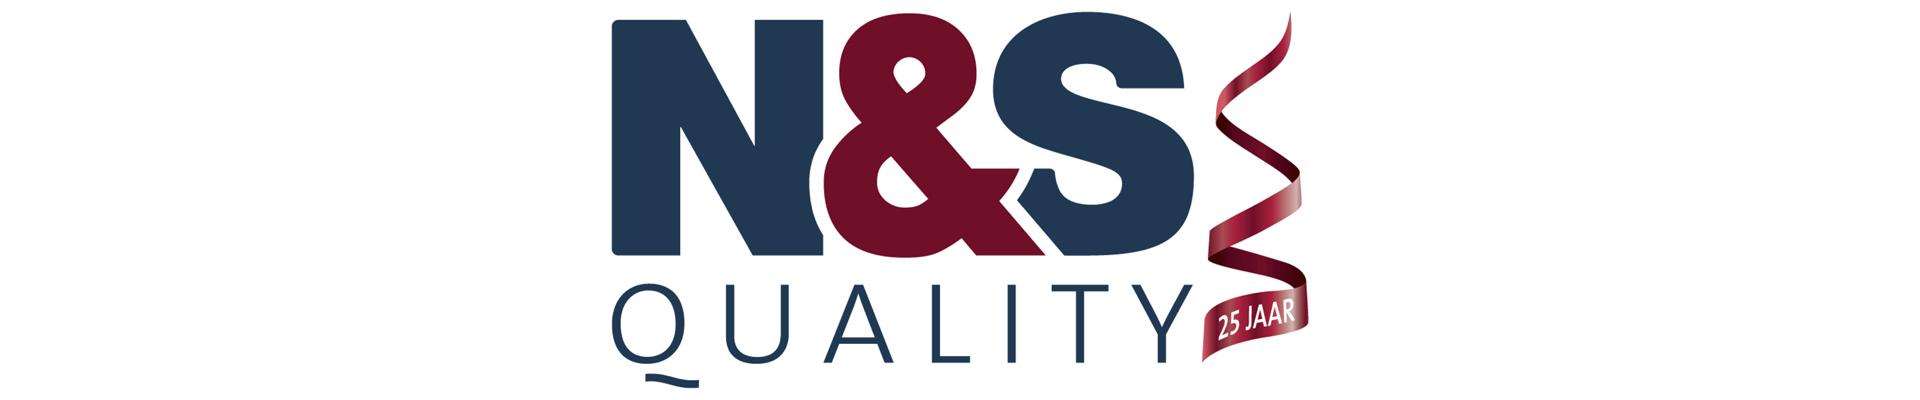 N&S Quality: 25 jaar Masters in Quality